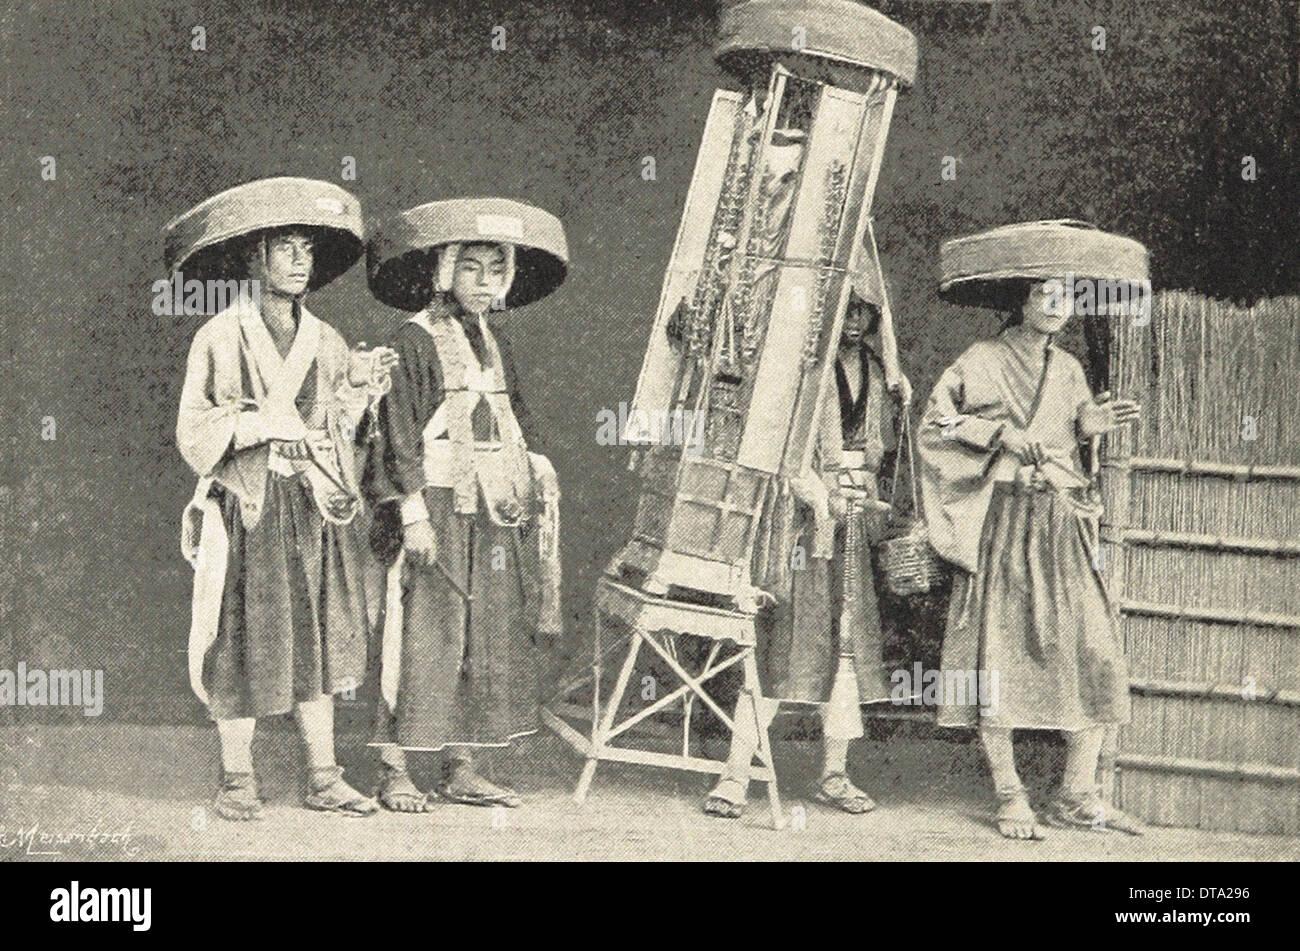 Japanese Pilgrims - British photography XIX th century - Stock Image